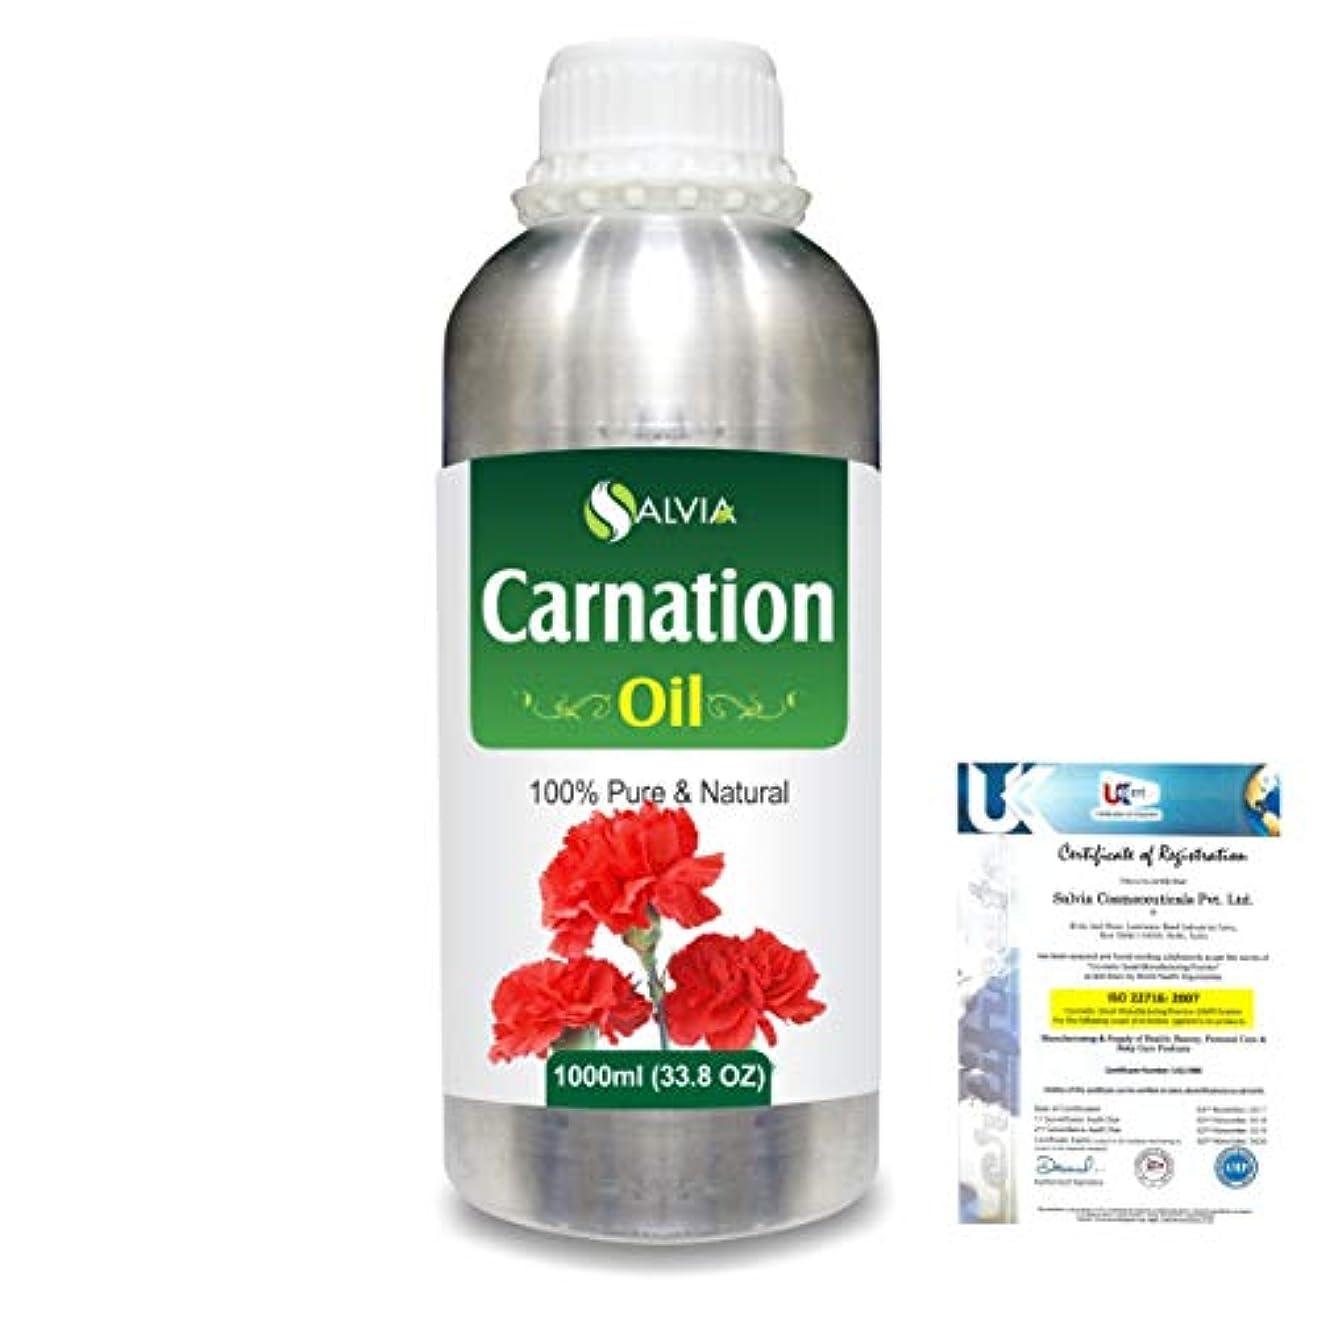 備品プロテスタントスポーツマンCarnation (Dianthus caryophyllus) 100% Natural Pure Essential Oil 1000ml/33.8fl.oz.